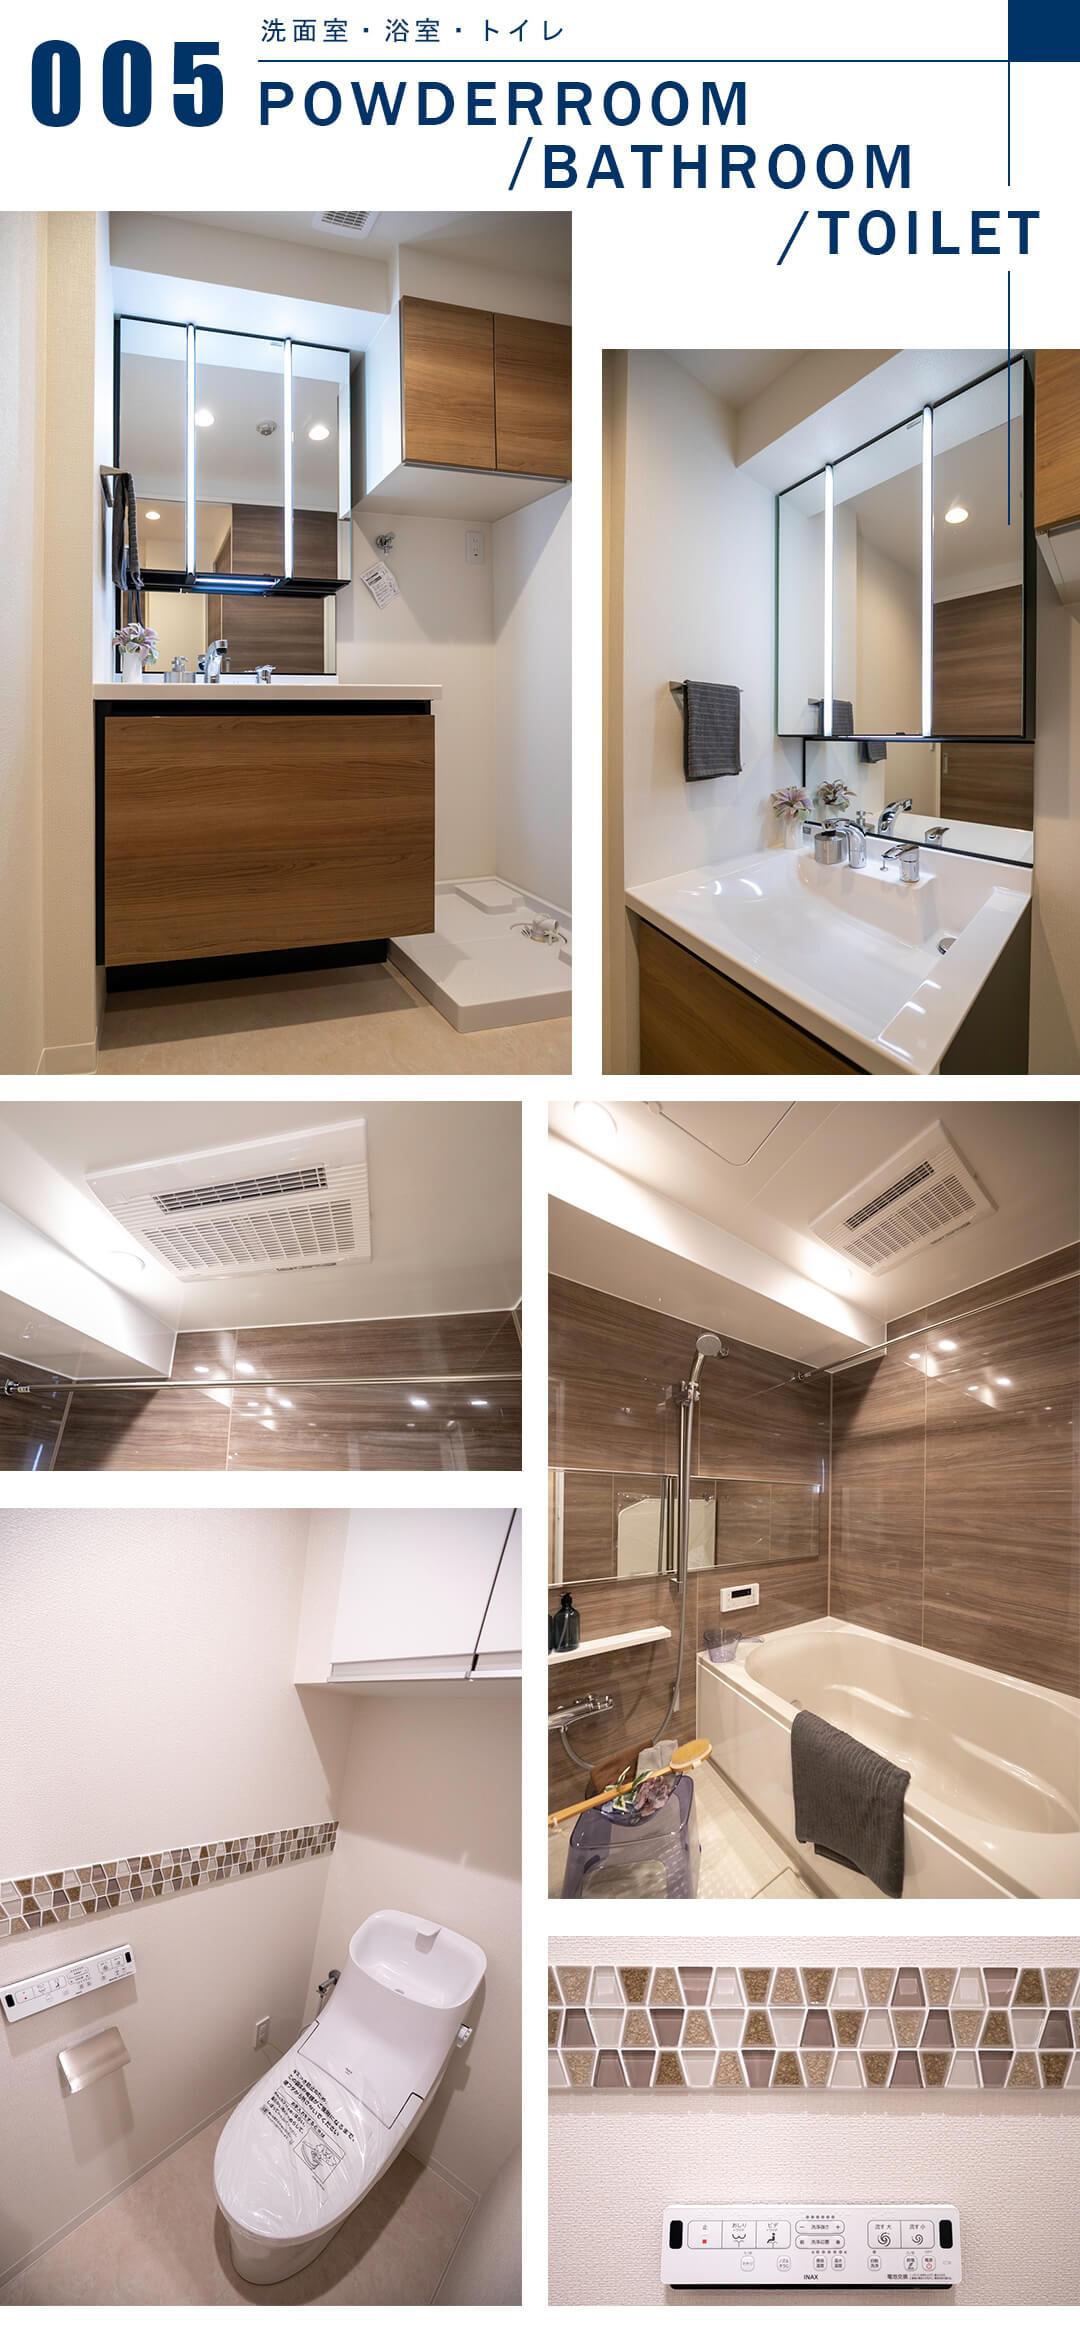 ミュゼ表参道の洗面室と浴室とトイレ